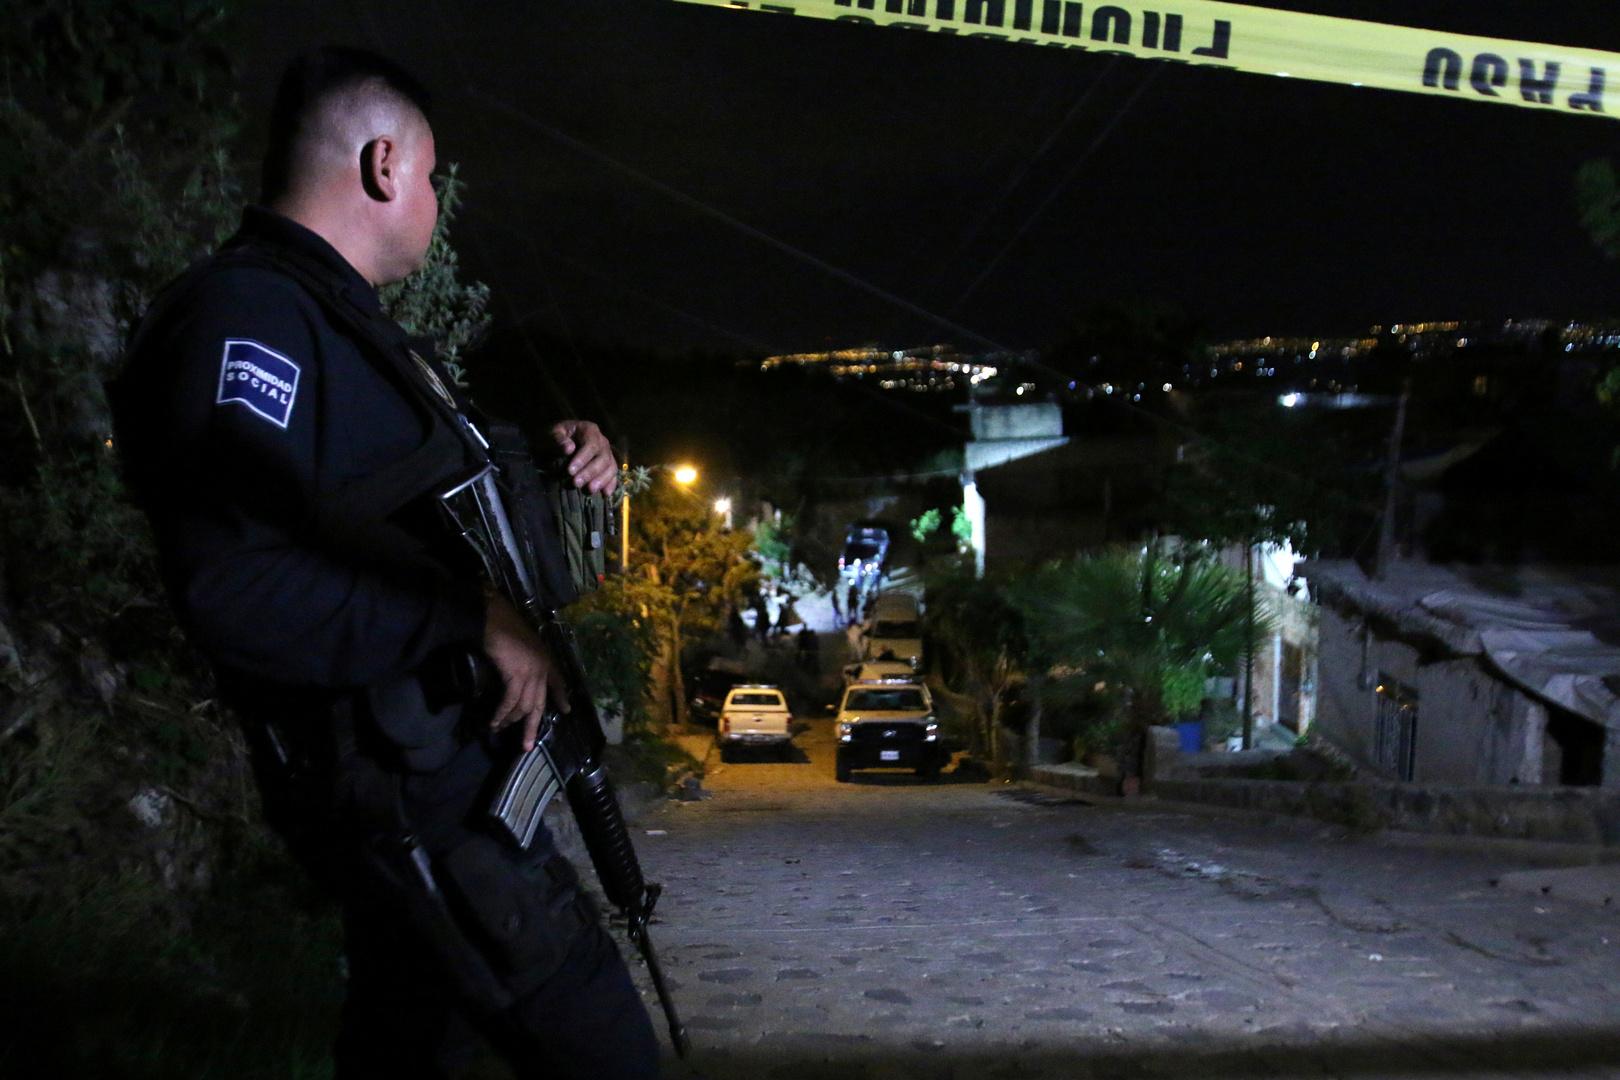 قتلى وجرحى باشتباكات عنيفة في سجن مكسيكي